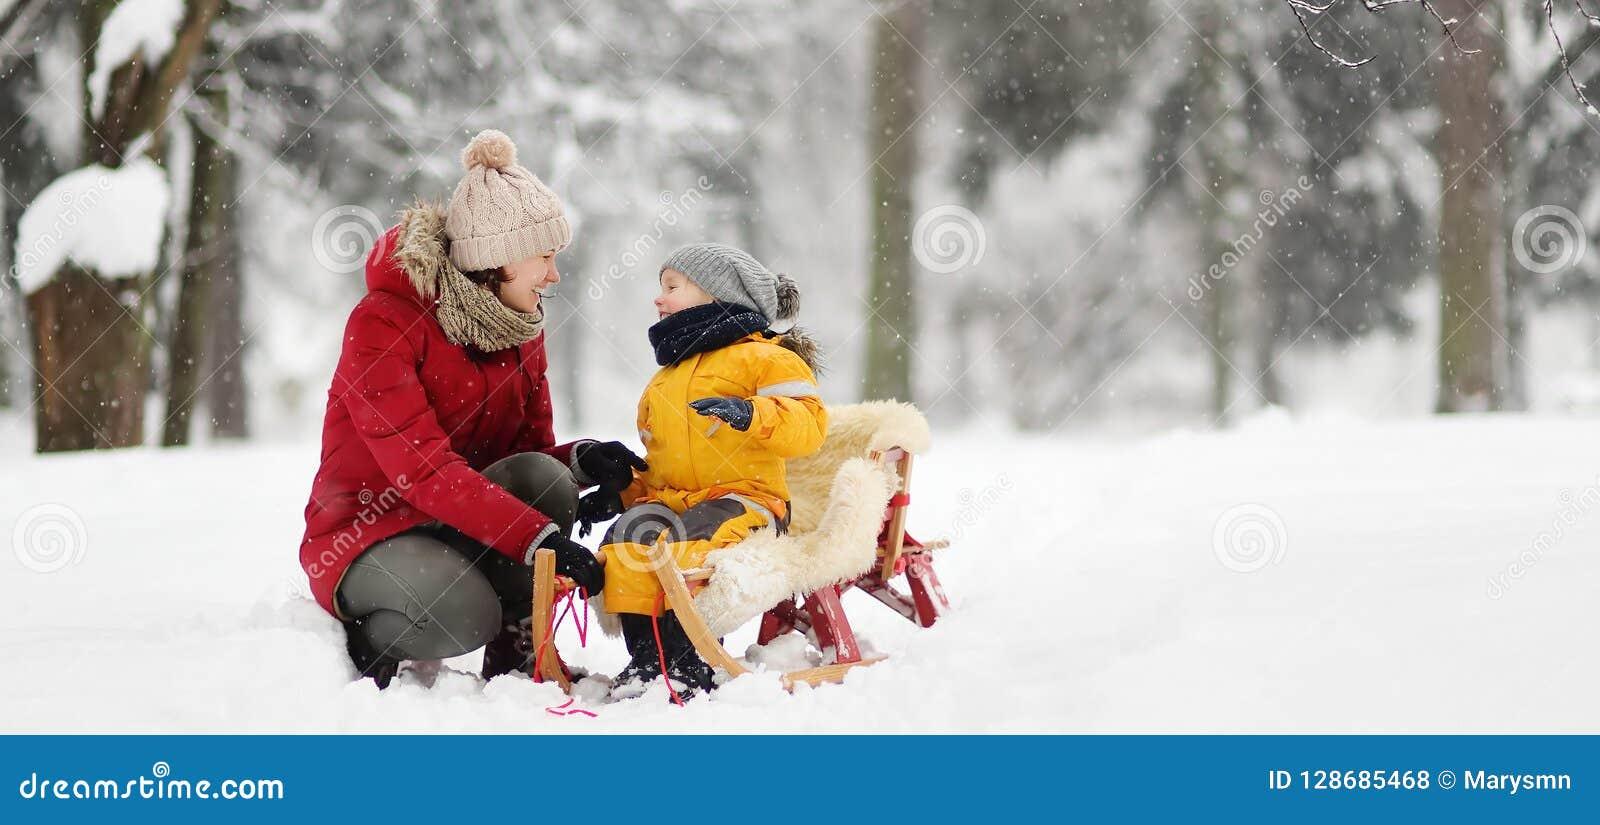 Mutter-/Kindermädchengespräch mit kleinem Kind während des Rodelns im Winterpark